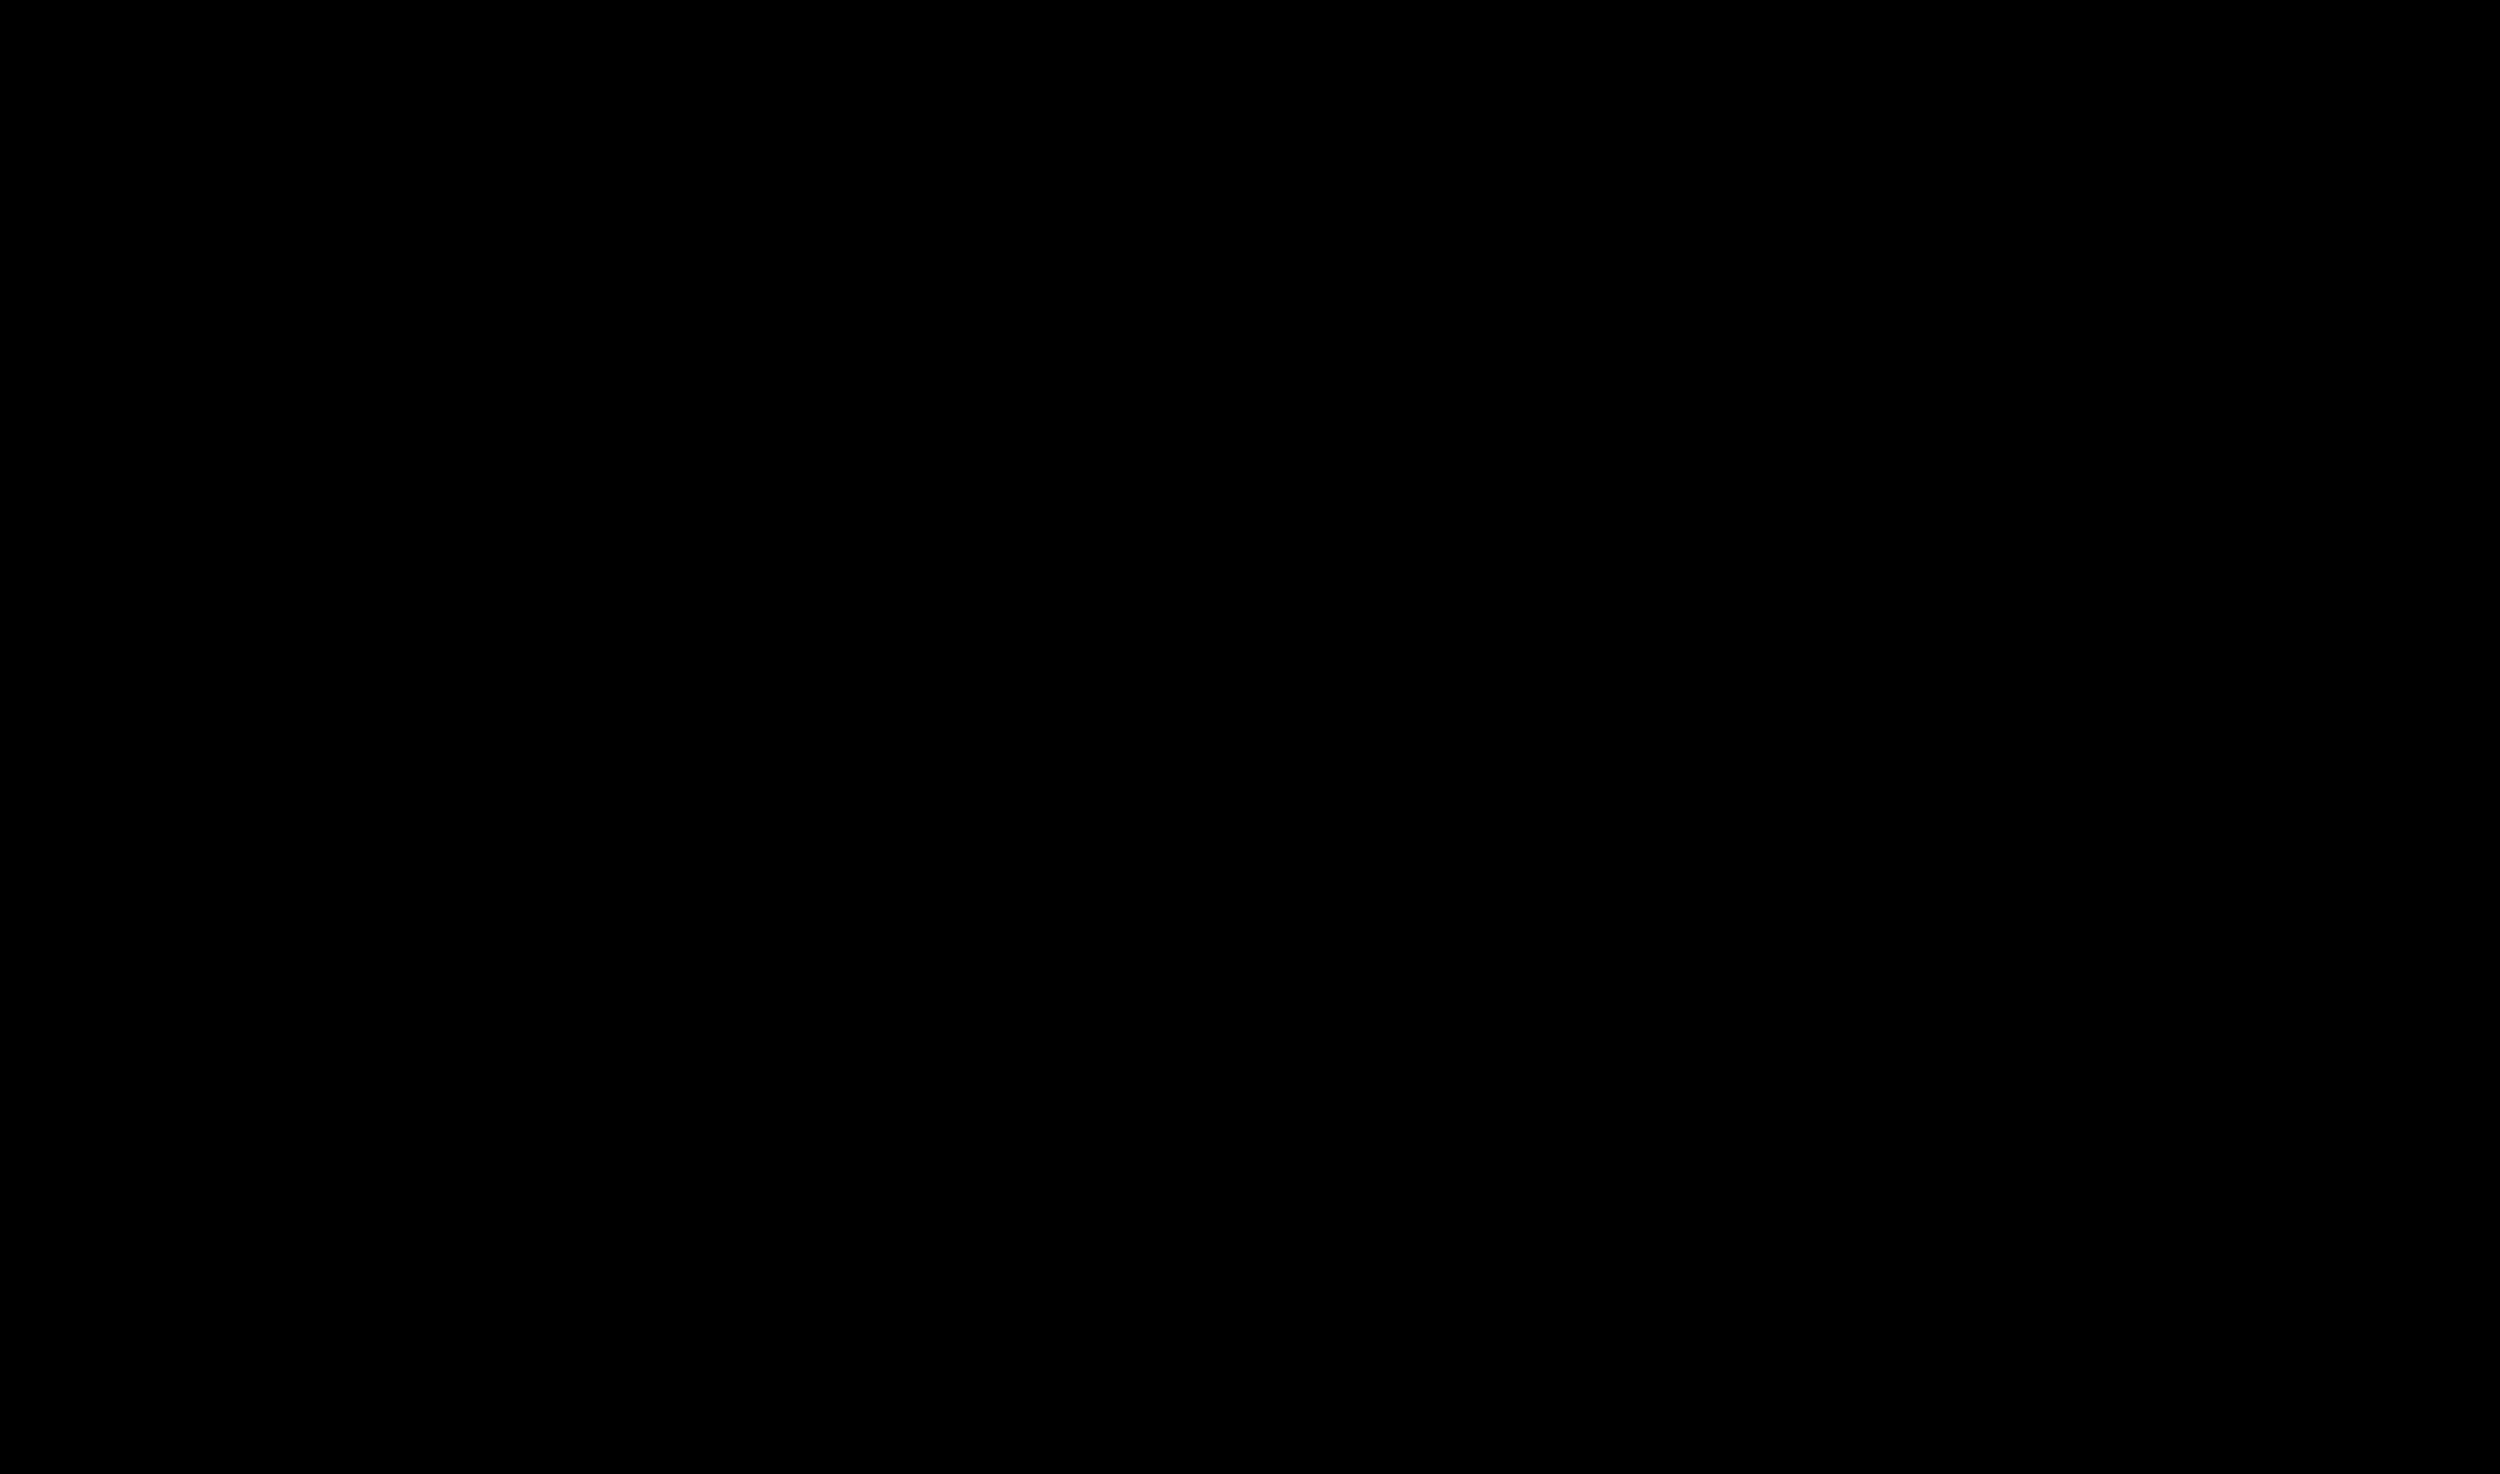 shsnd-logo-vertical.png